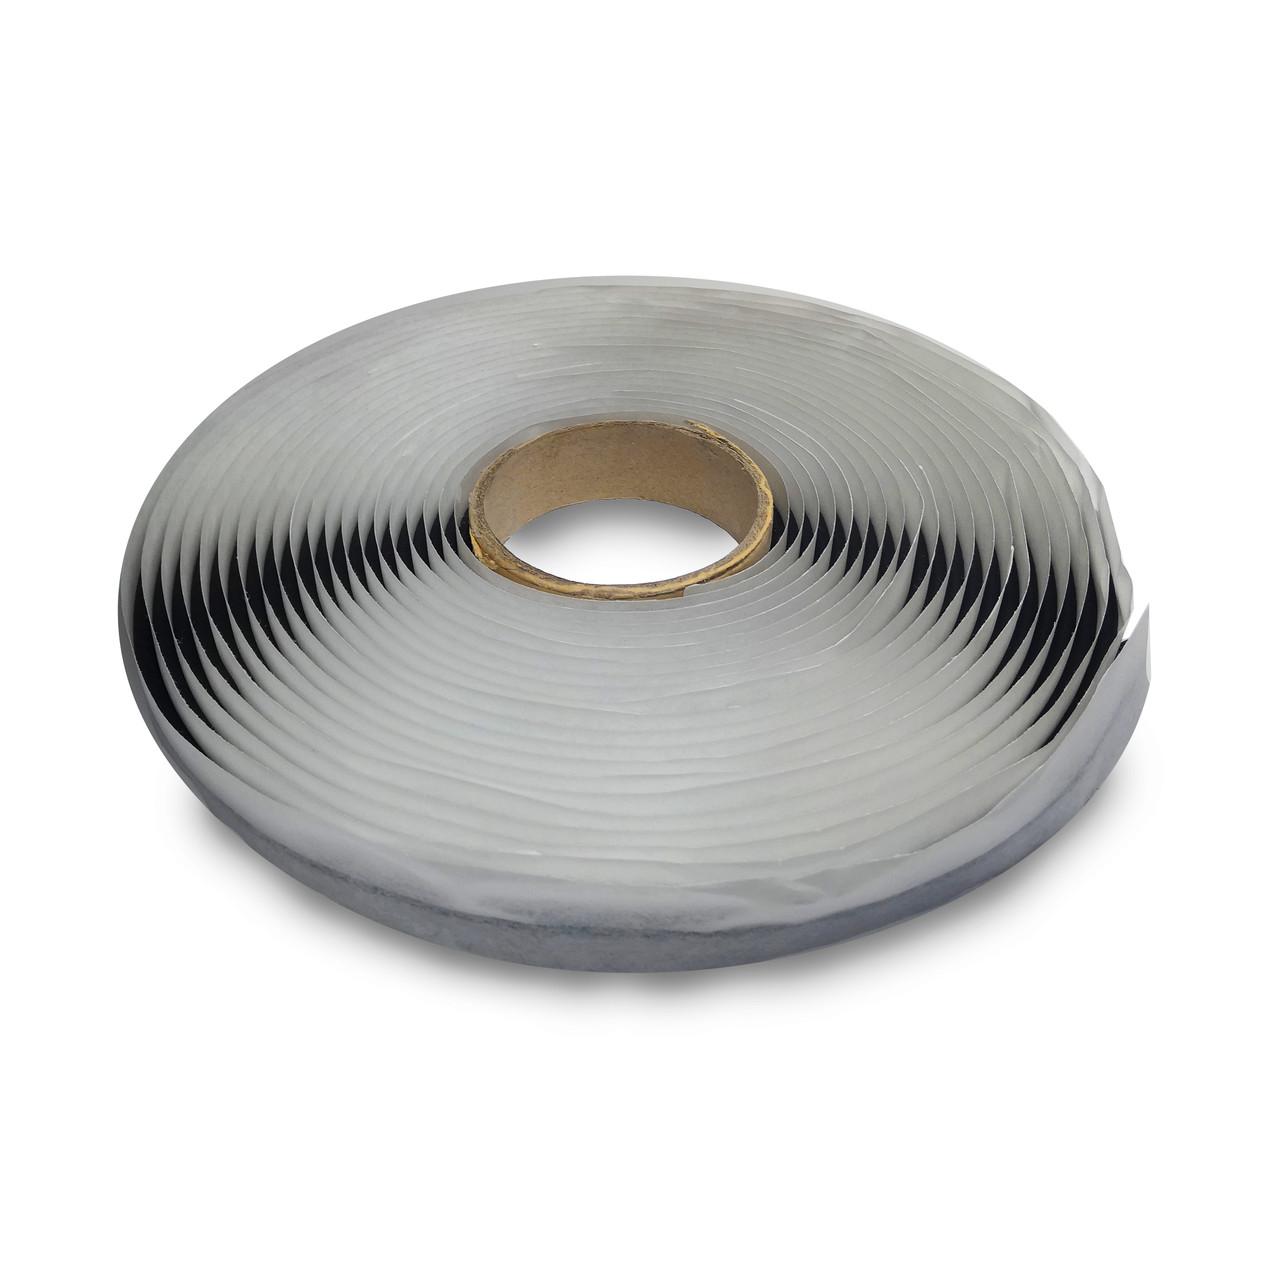 Герметизирующий шнур Ø 6 мм х 11 м черный